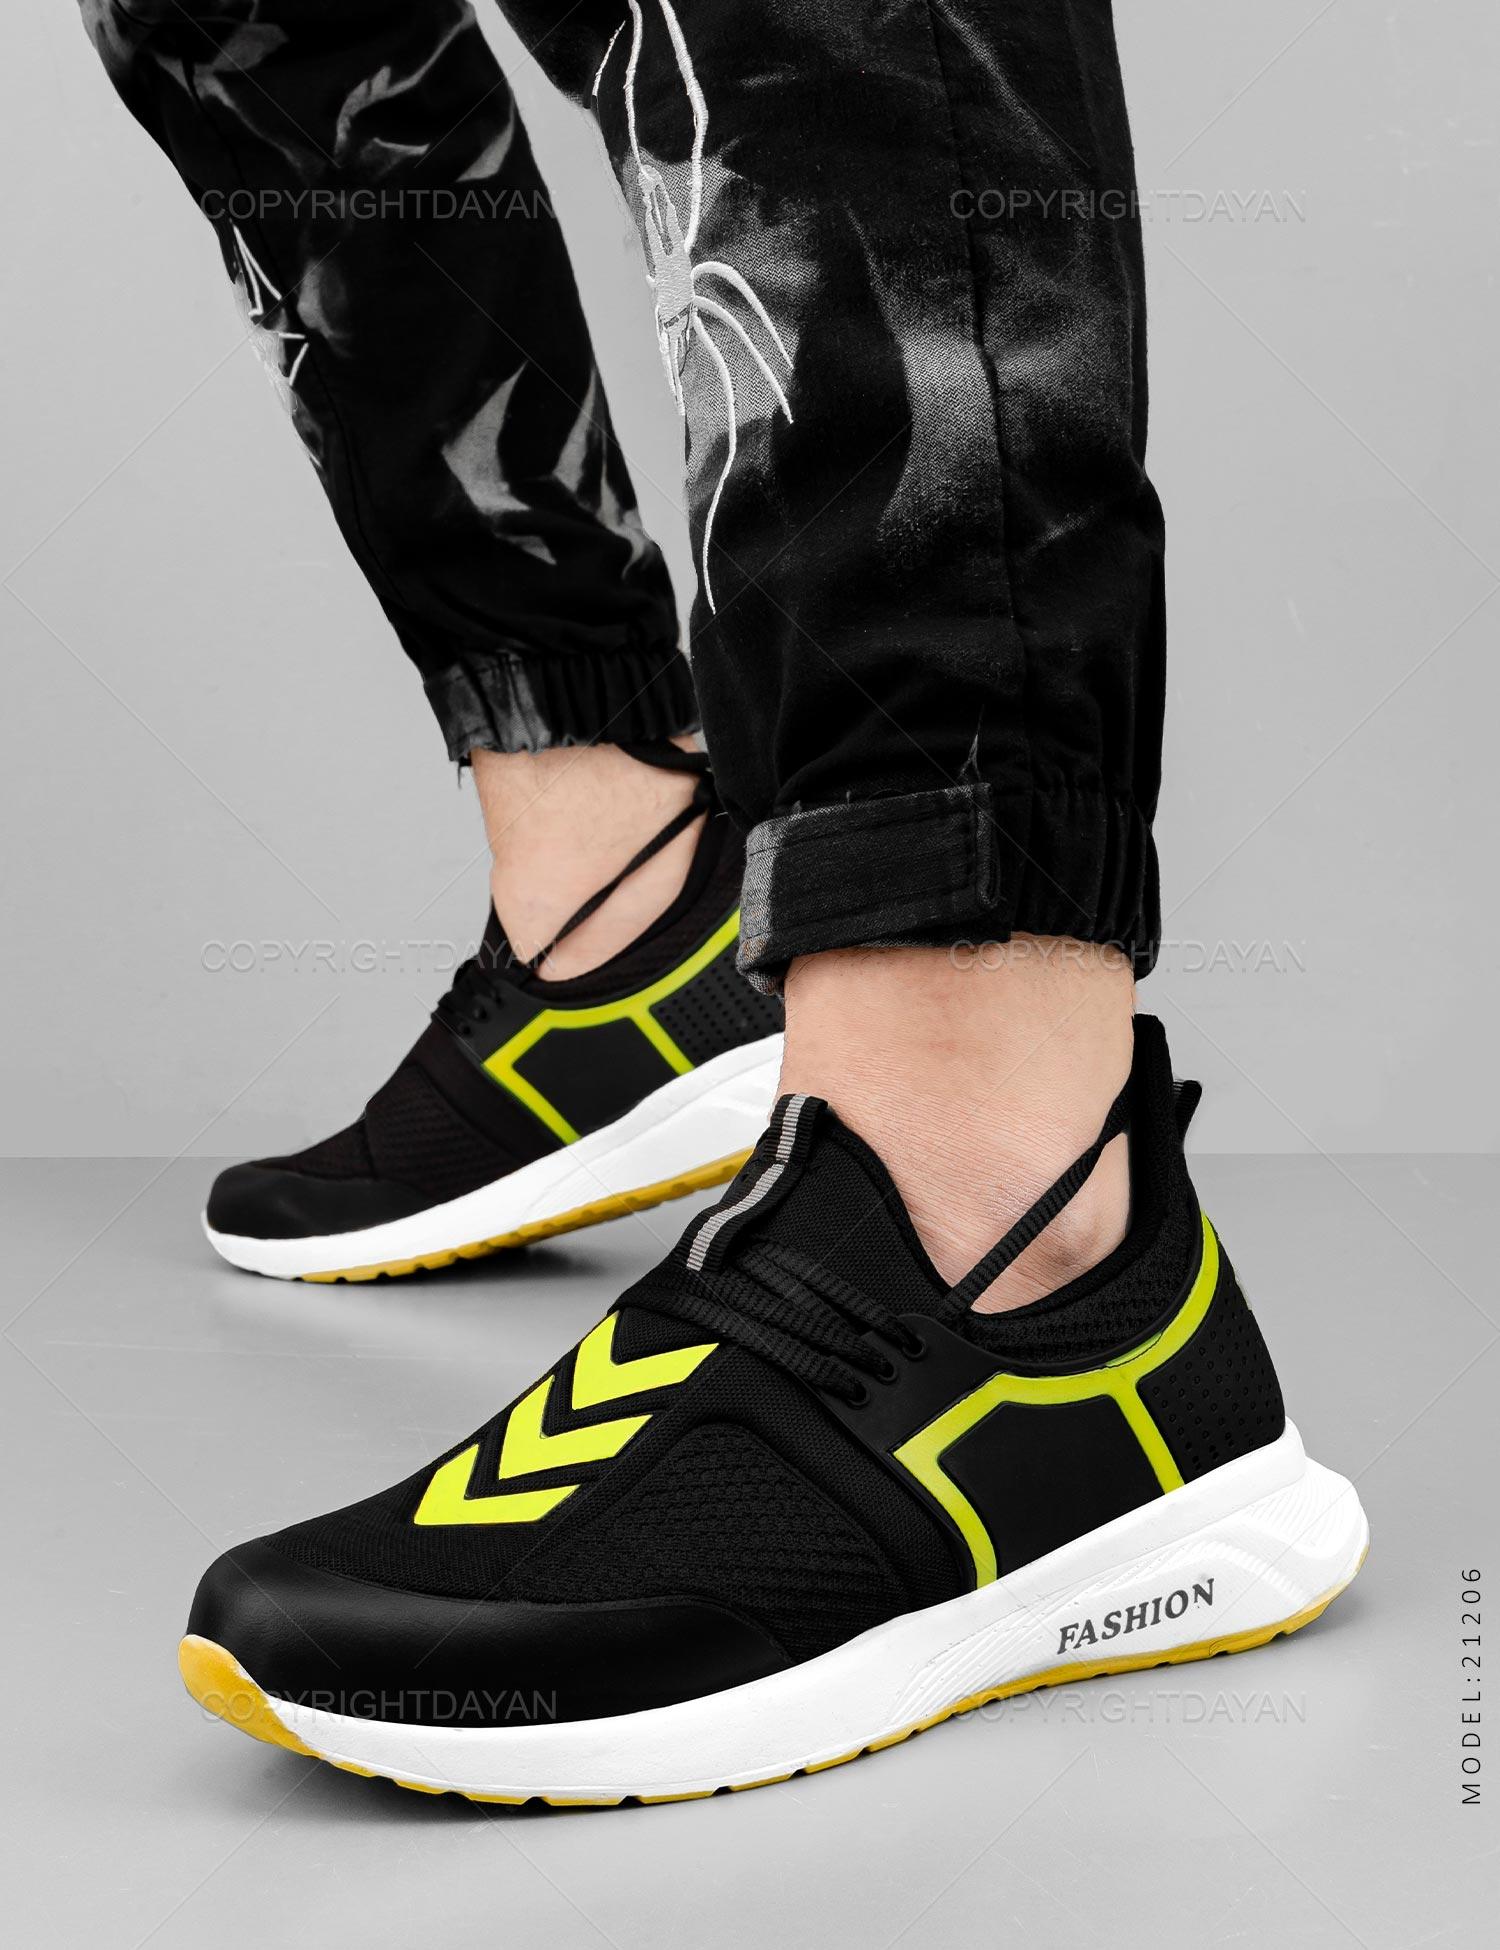 کفش ورزشی مردانه Fashion مدل 21206